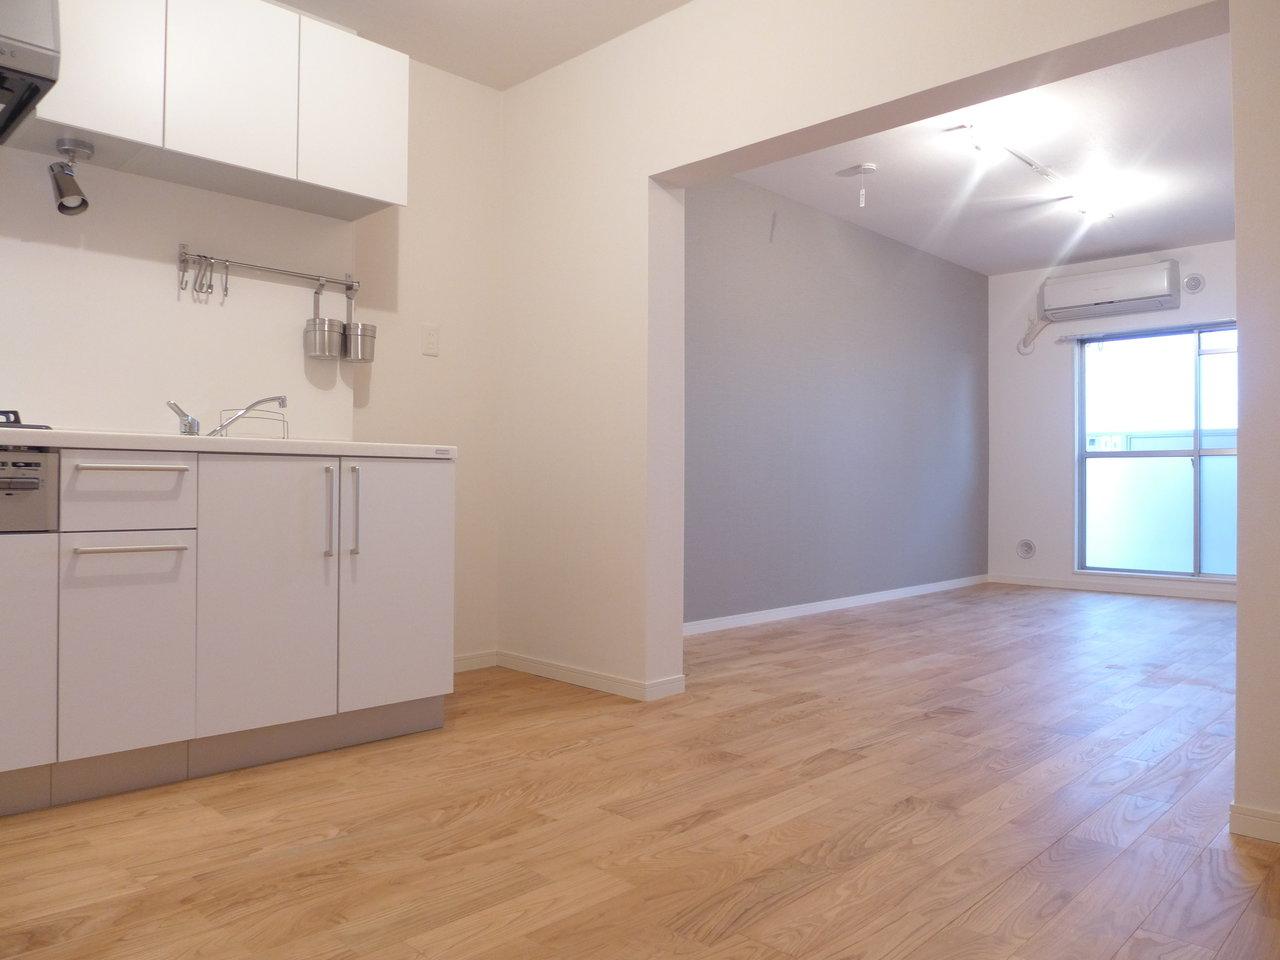 キッチンスペースとリビングはつながっていて、12畳あります。広々としていますね。グレーのアクセントクロスも落ち着きがあります。